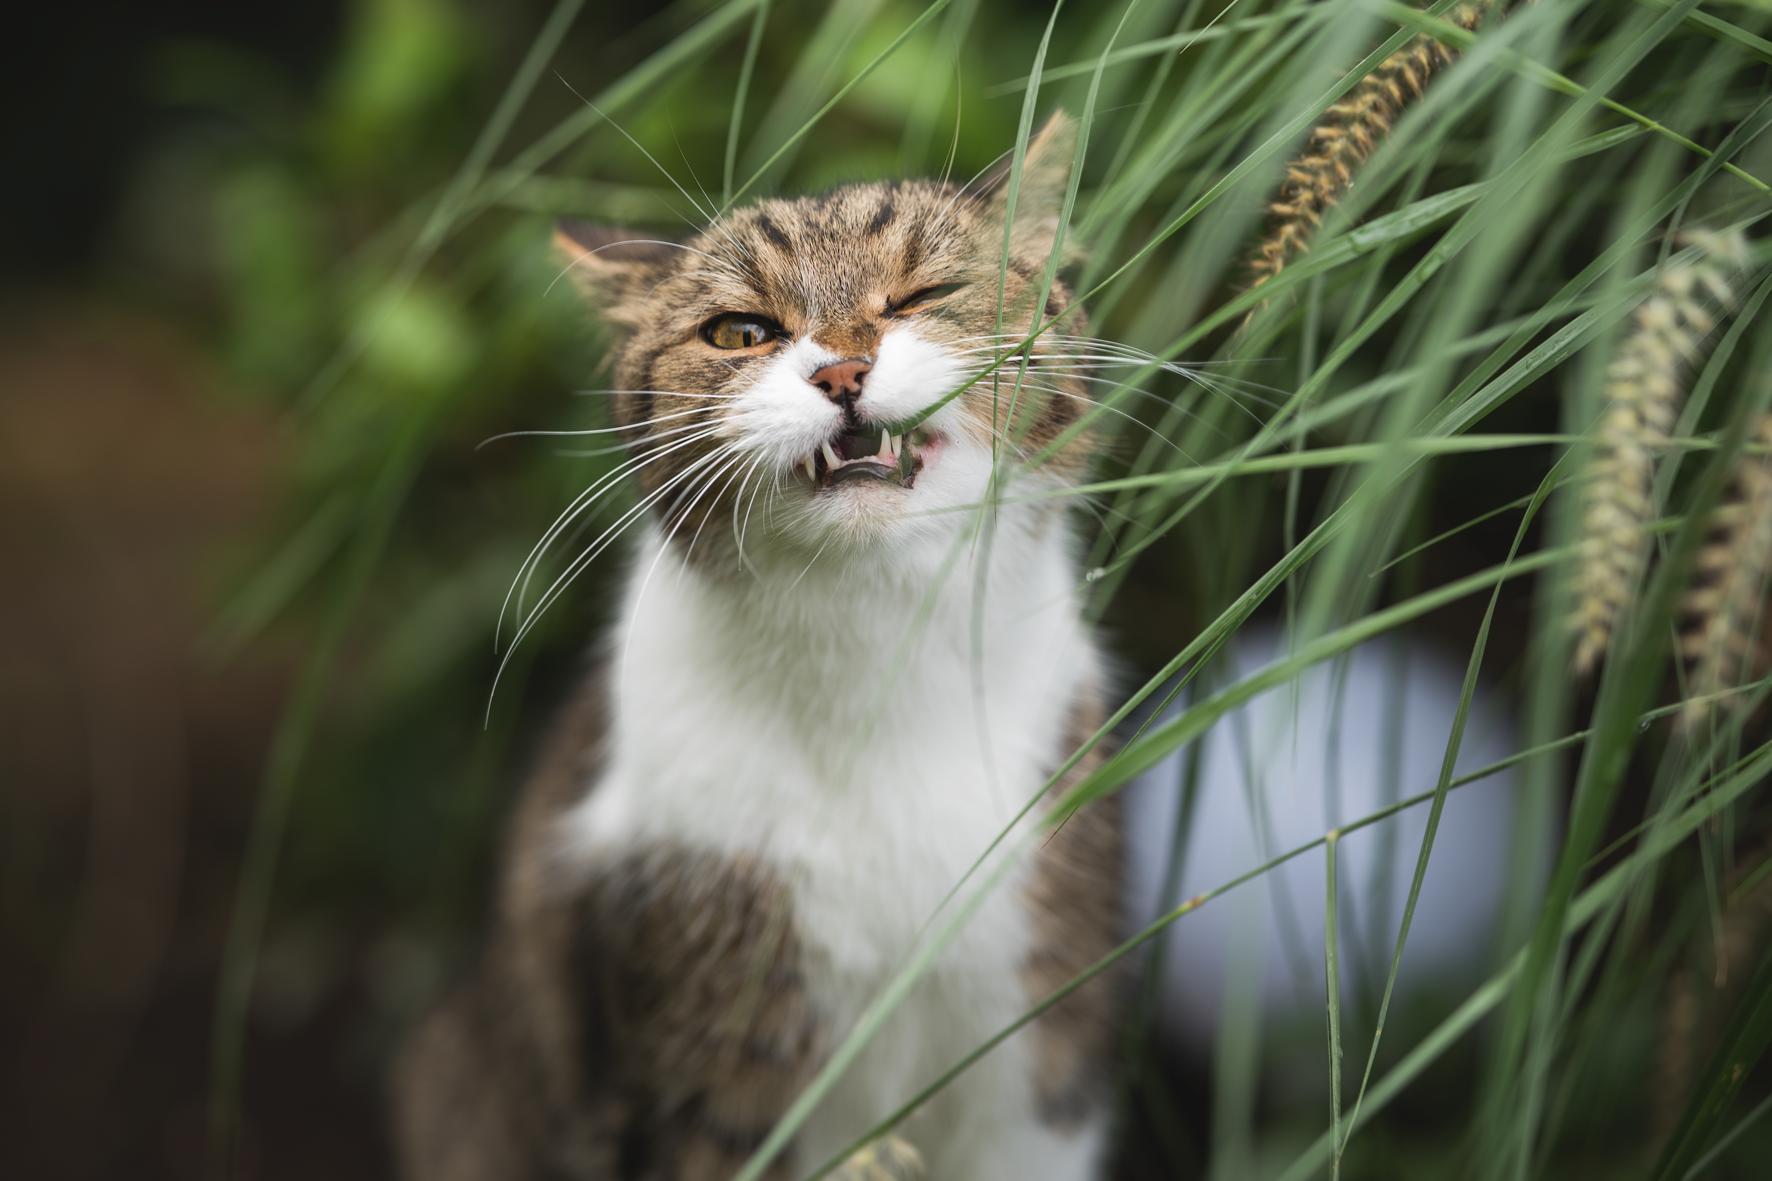 Braun-weisse Katze frisst genüsslich Grünzeug